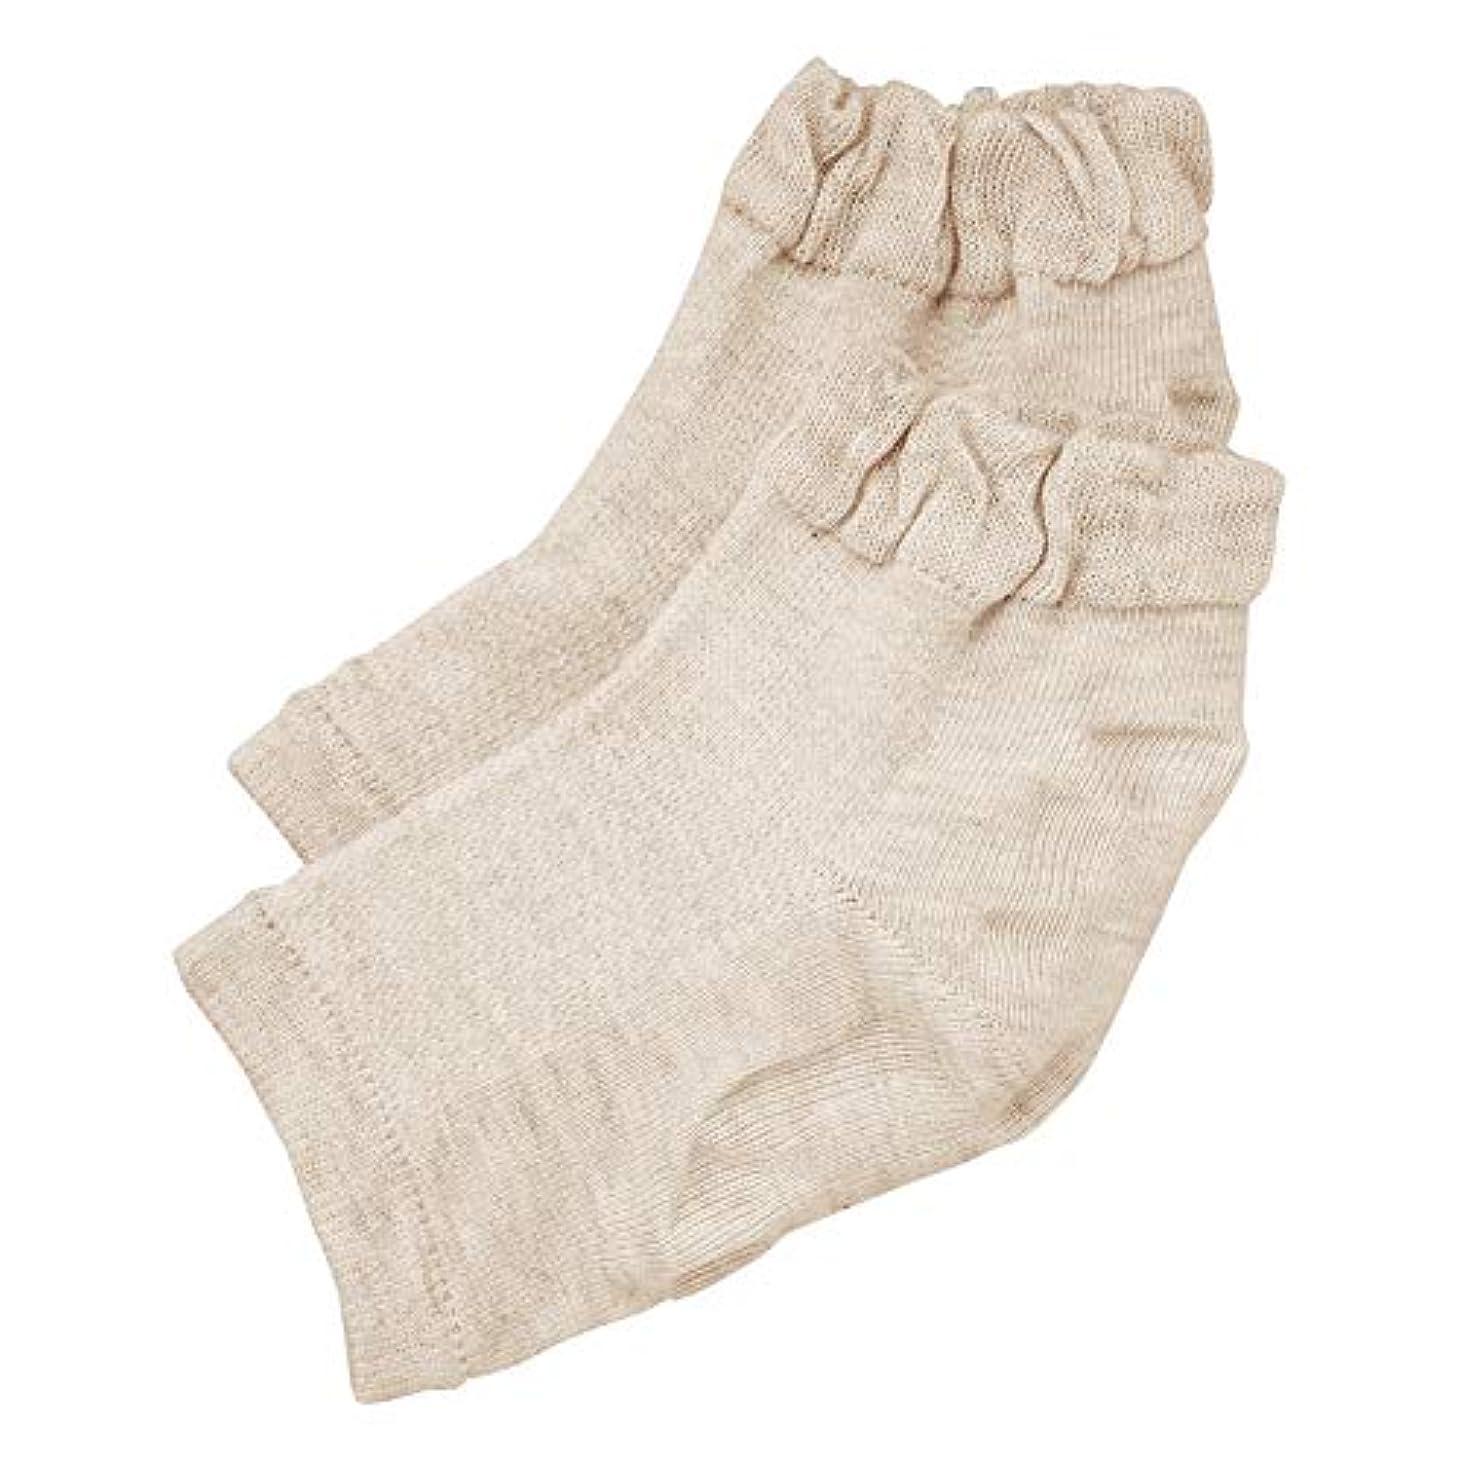 盆地部門ソケット履き口ゆったりかかとつるり ケア 靴下 ガサガサ 保湿